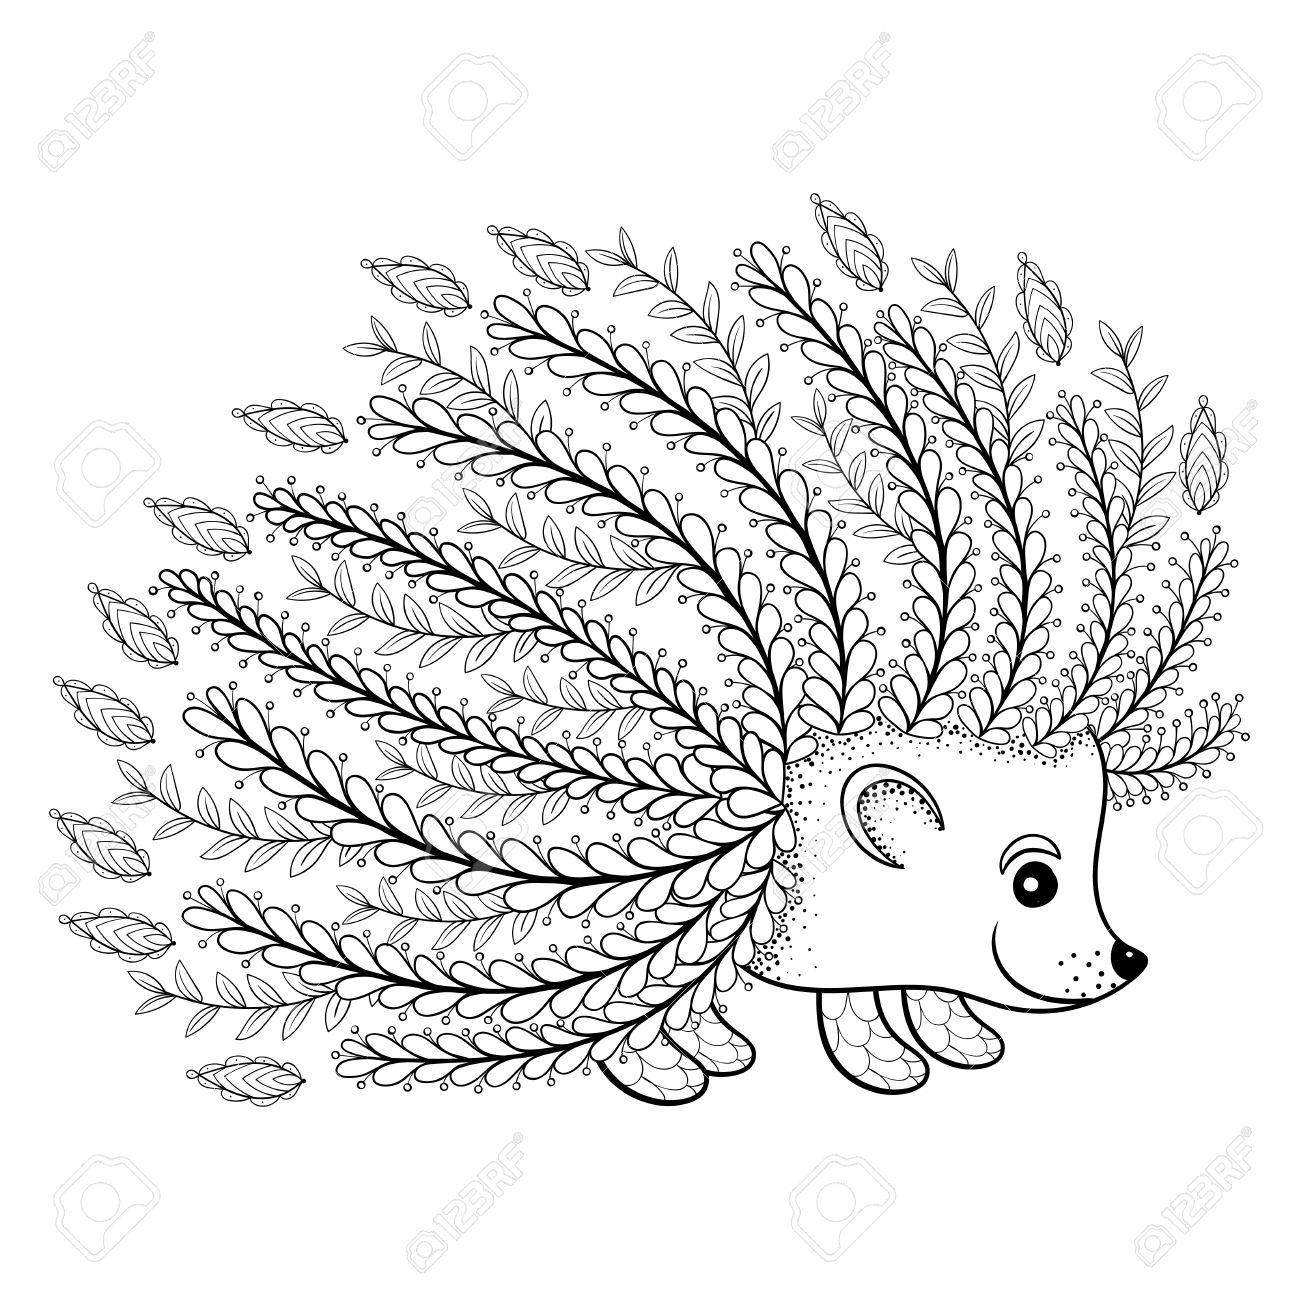 Dibujado A Mano Erizo Artística Para Adultos Página Para Colorear En El Arte Del Zentangle Estilo Tribal Diseño Del Tatuaje Con Dibujos Ornamentales